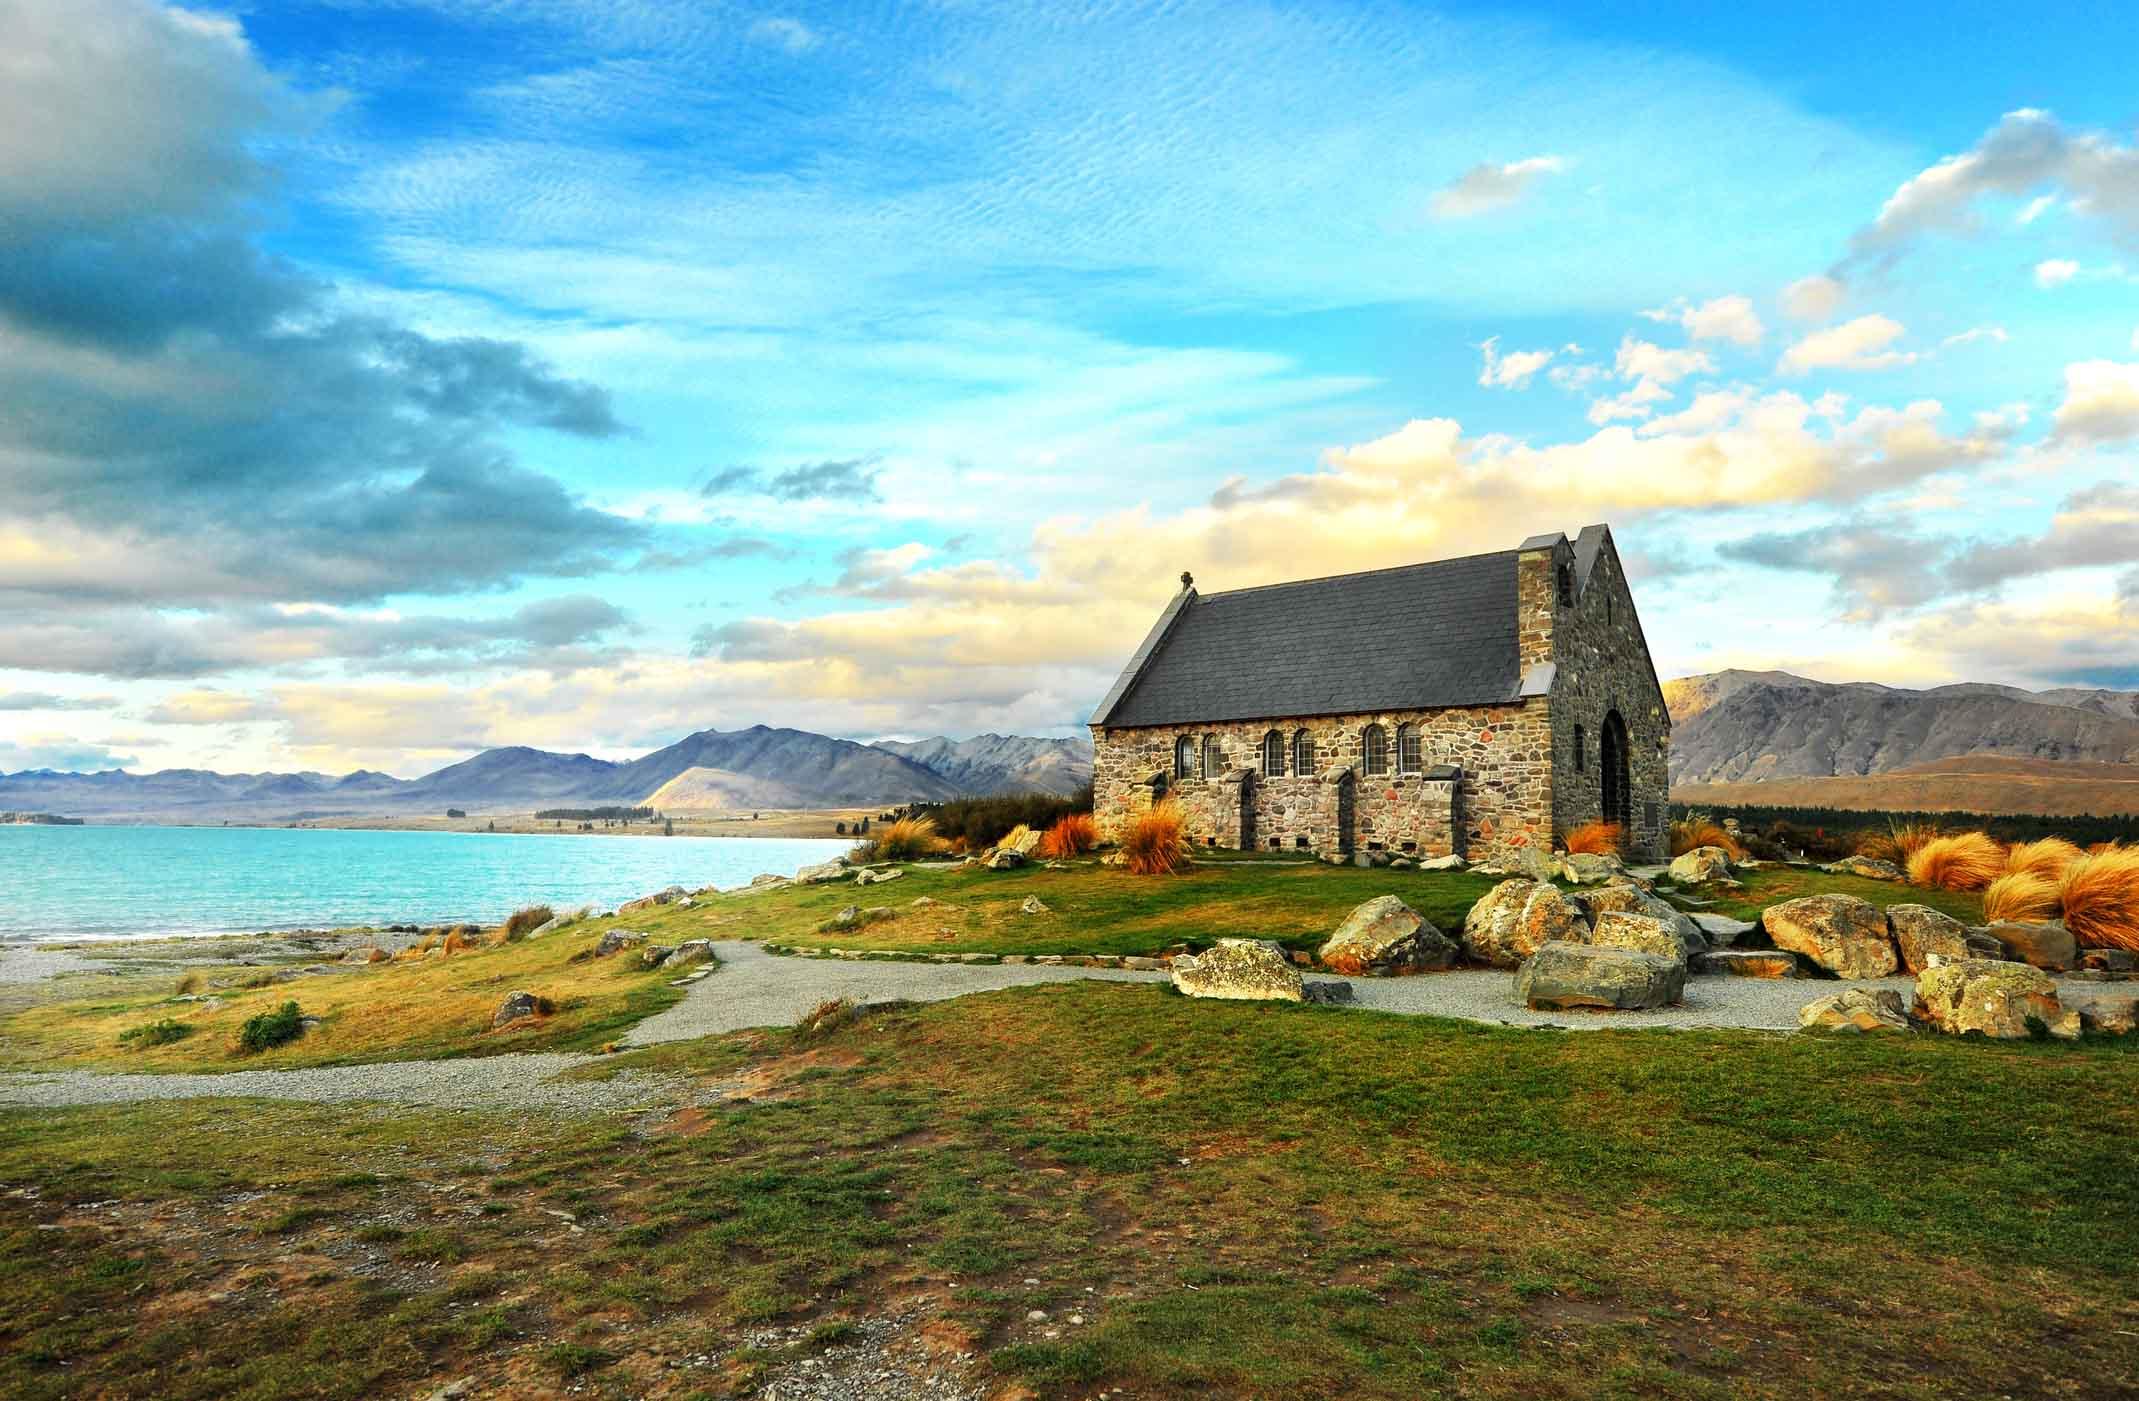 Church-of-the-Good-Shepherd-Lake-Tekapo-New-Zealand-Weddings